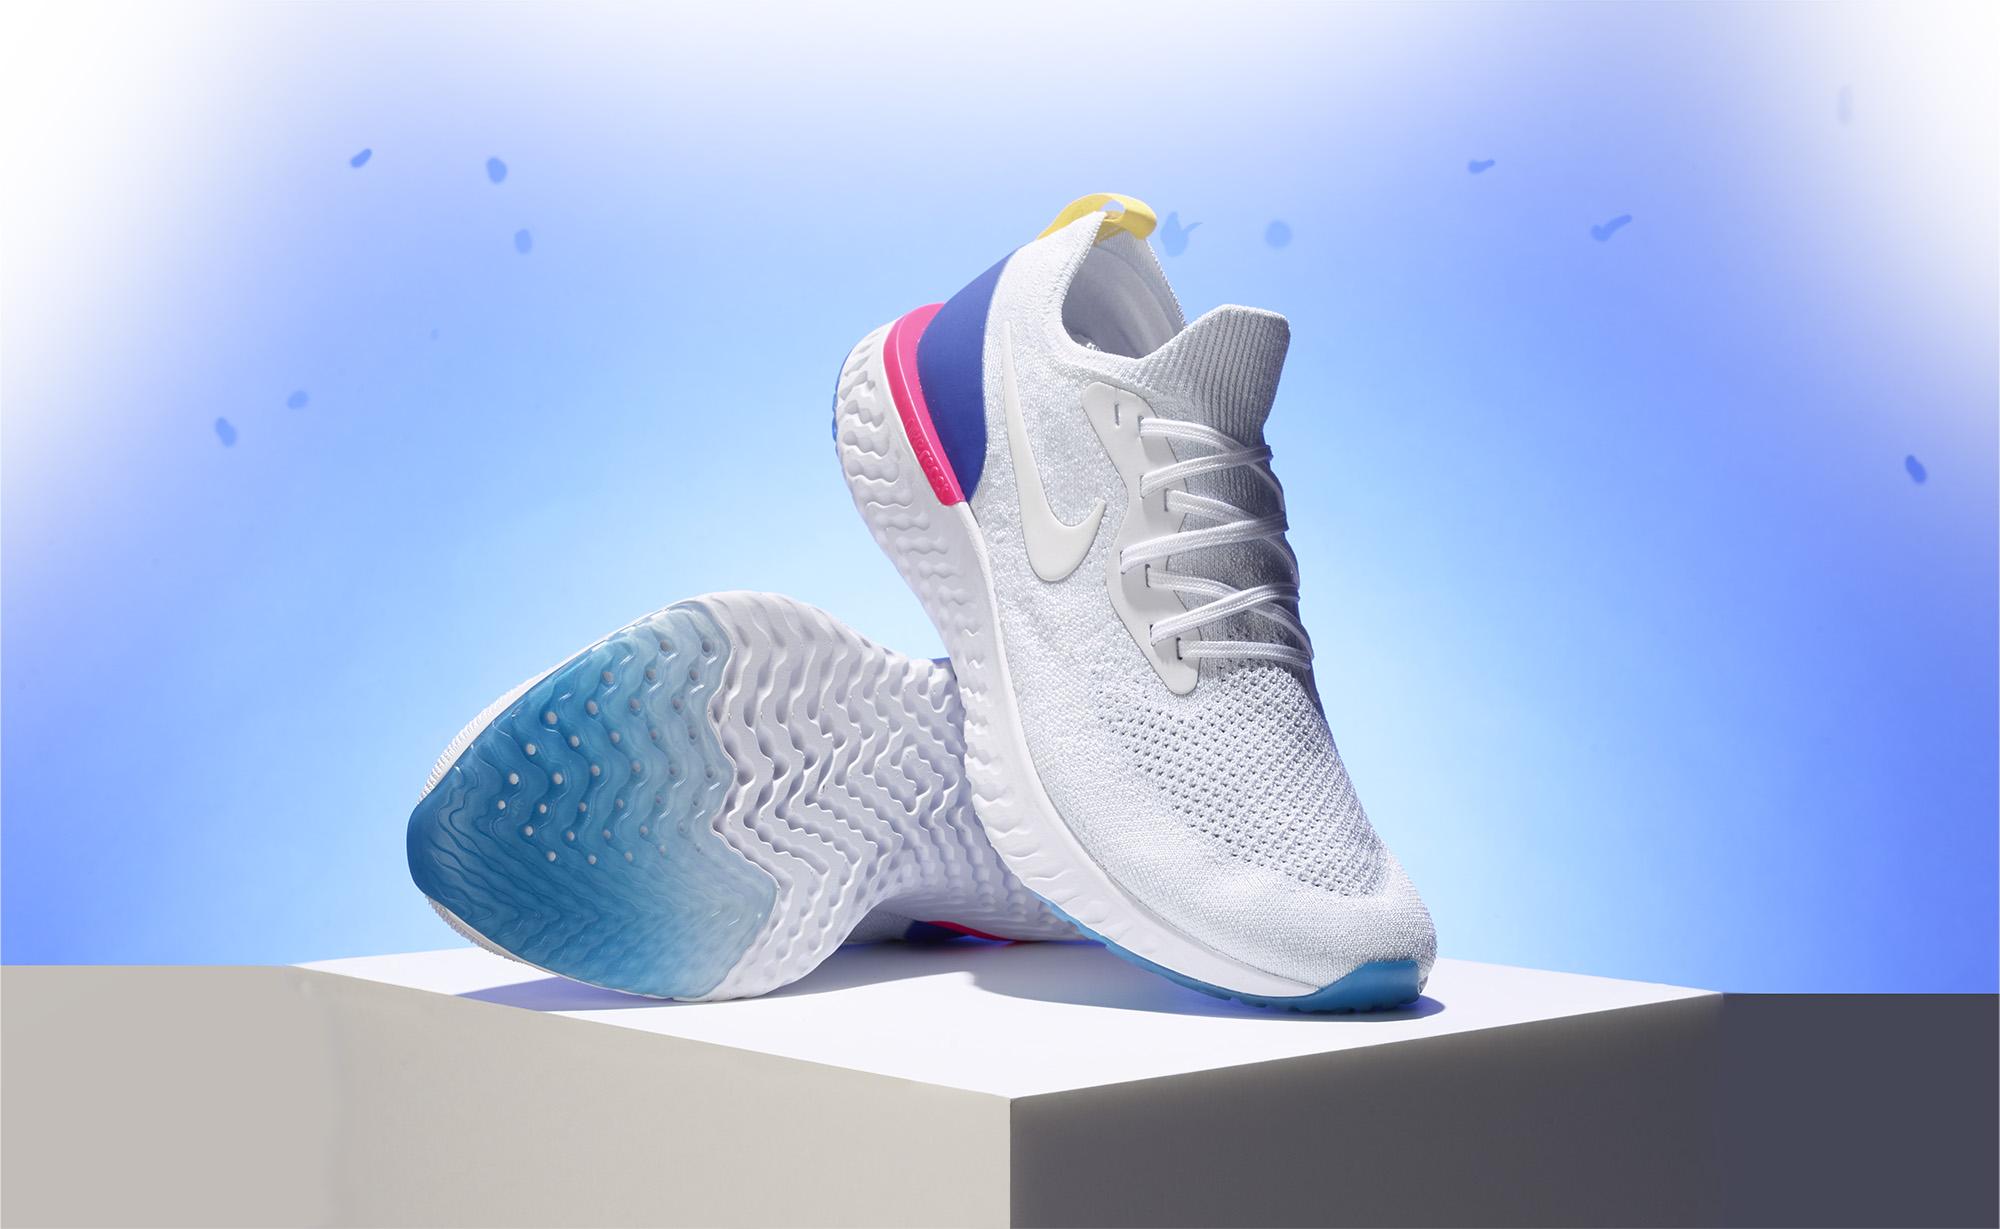 Nike Épique Réagissent Les Coureurs De L'examen Des Recettes Du Monde jeu acheter obtenir Vente en ligne sortie 2015 VowTyk7Jl